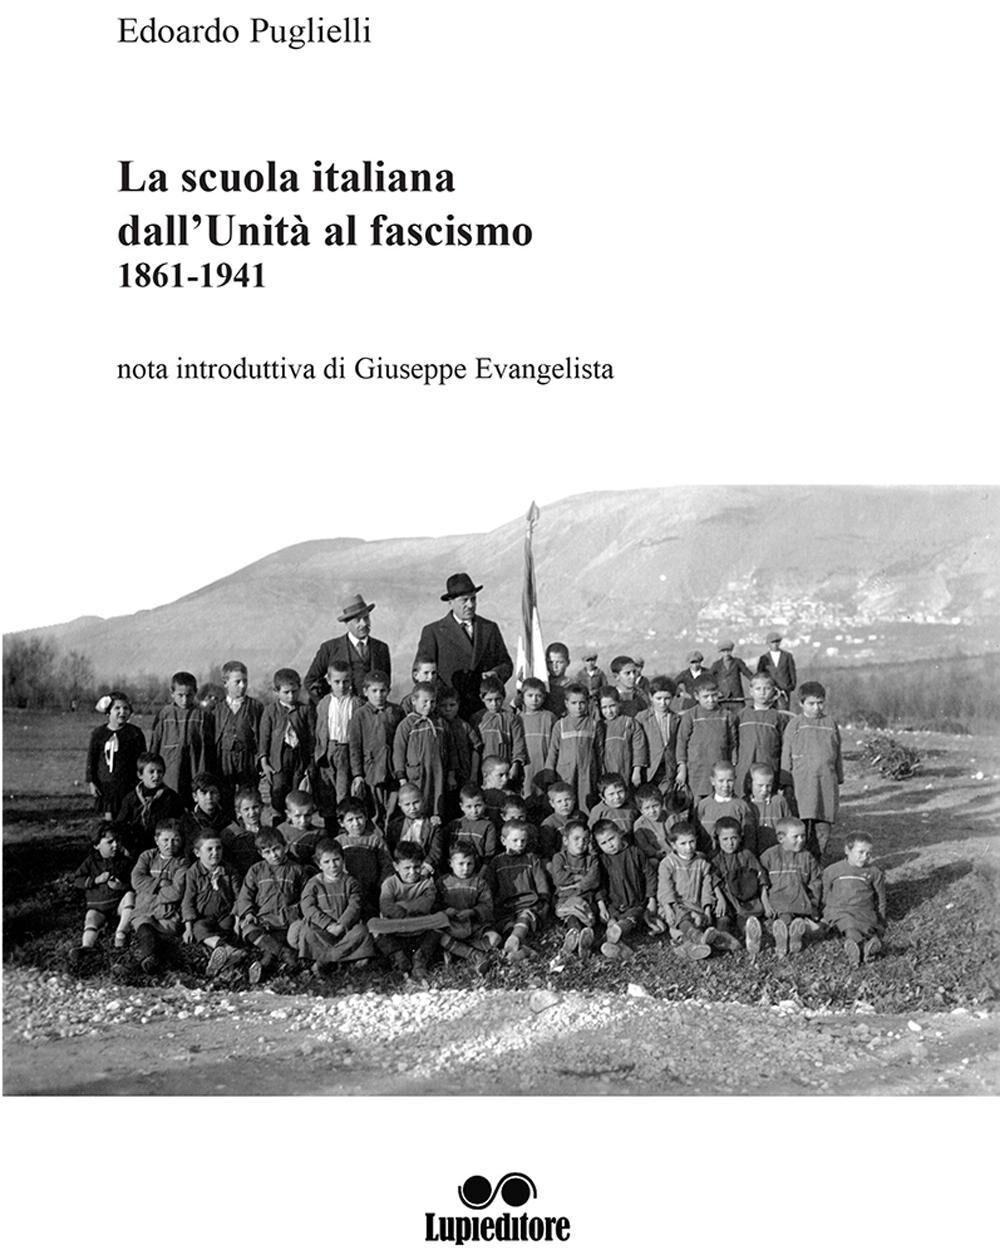 La scuola italiana dall'Unità al fascismo (1861-1941)